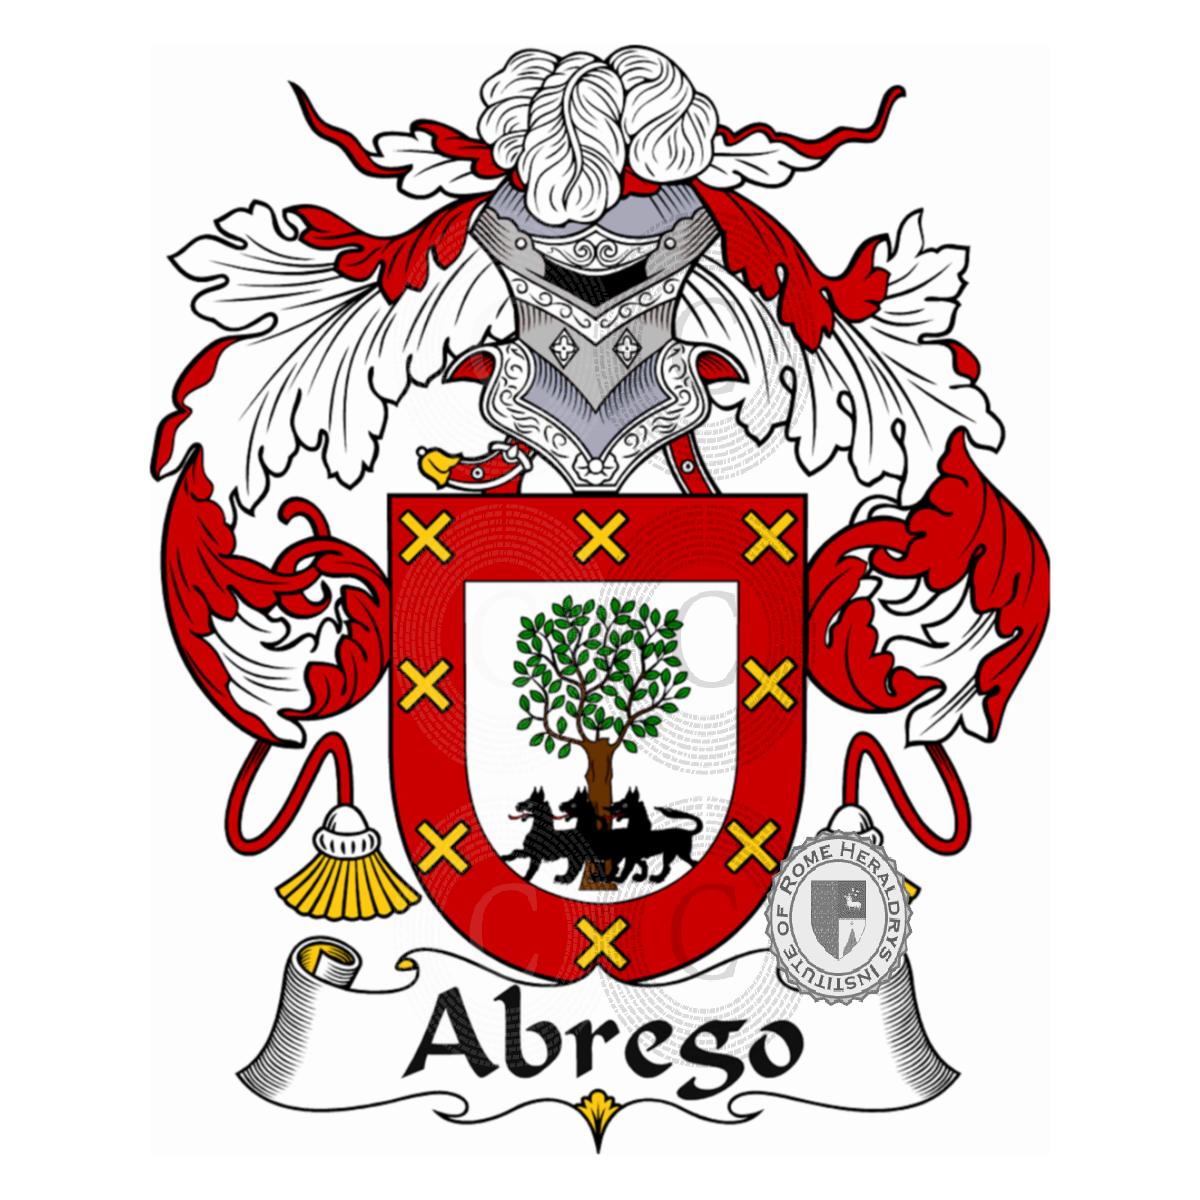 Abrego Familia Heráldica Genealogía Escudo Abrego